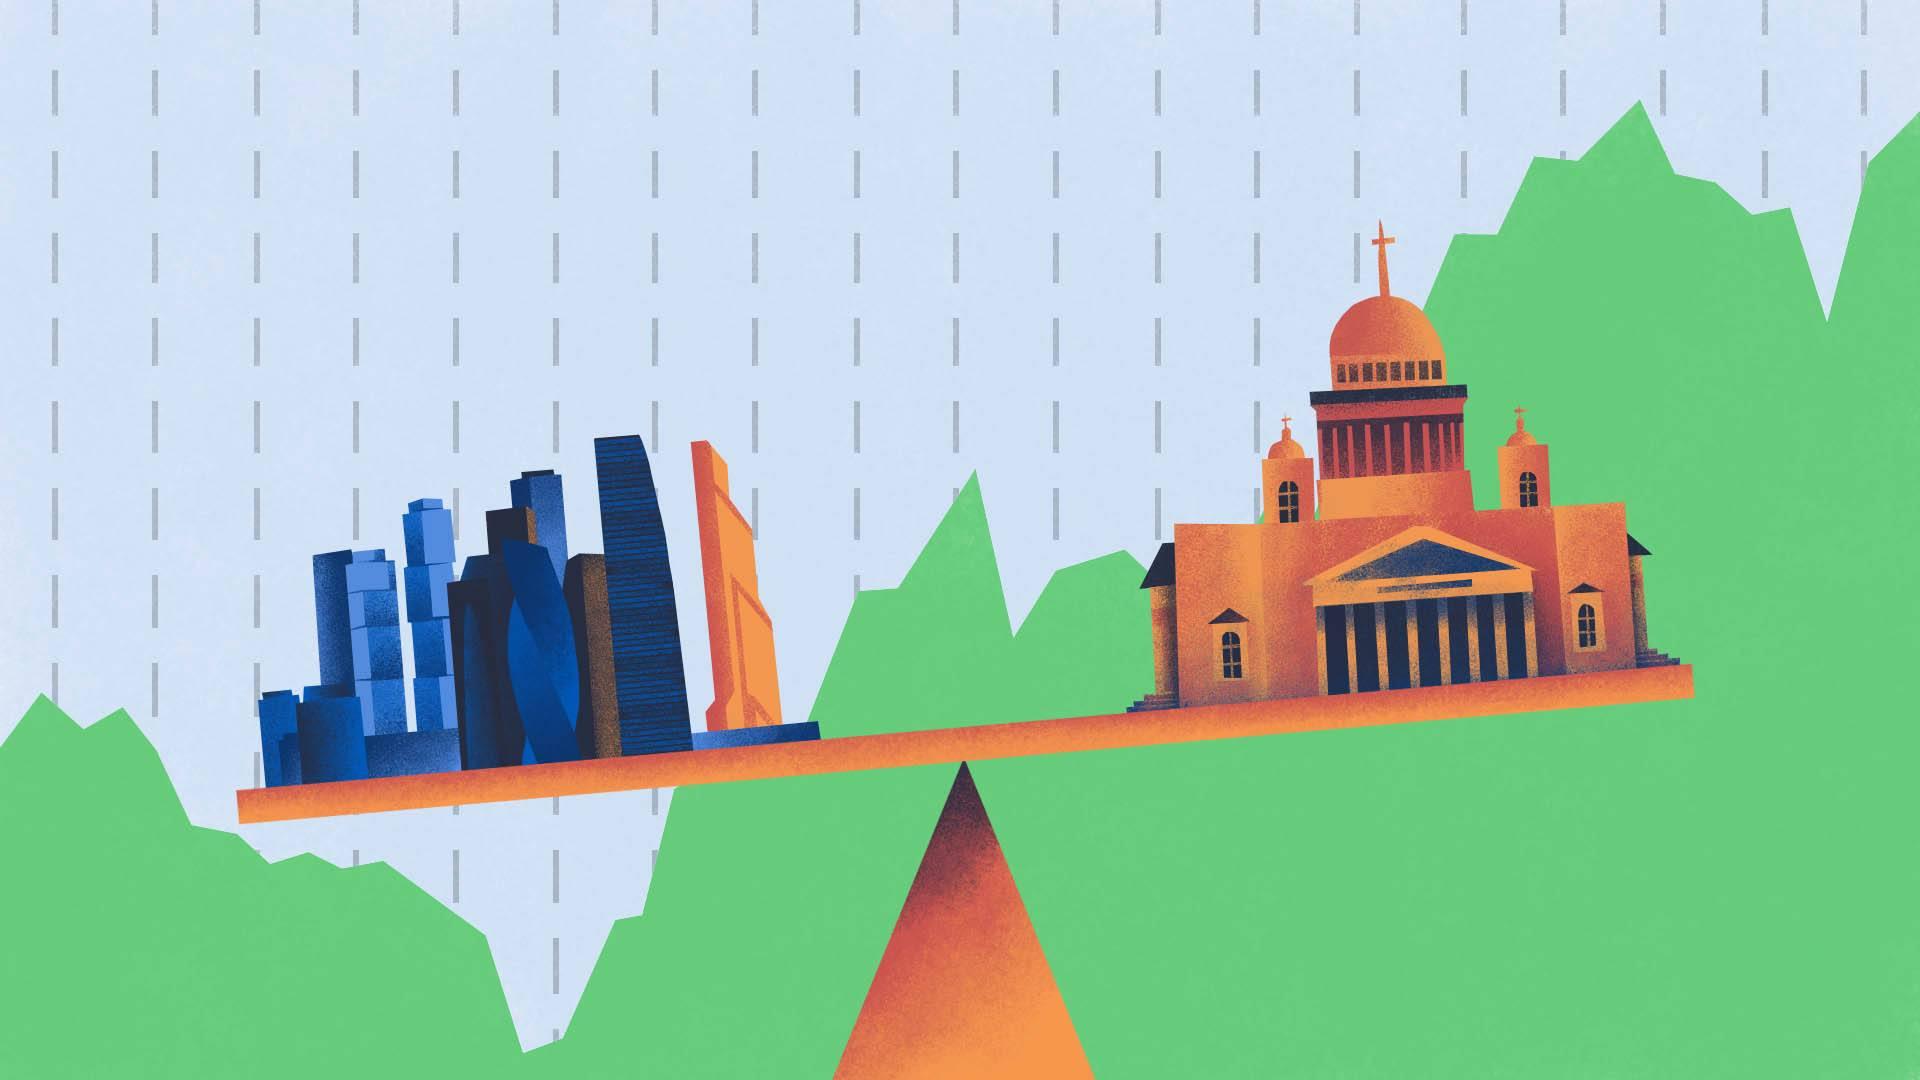 Московская и Санкт-Петербургская биржи: как устроены и в чем разница